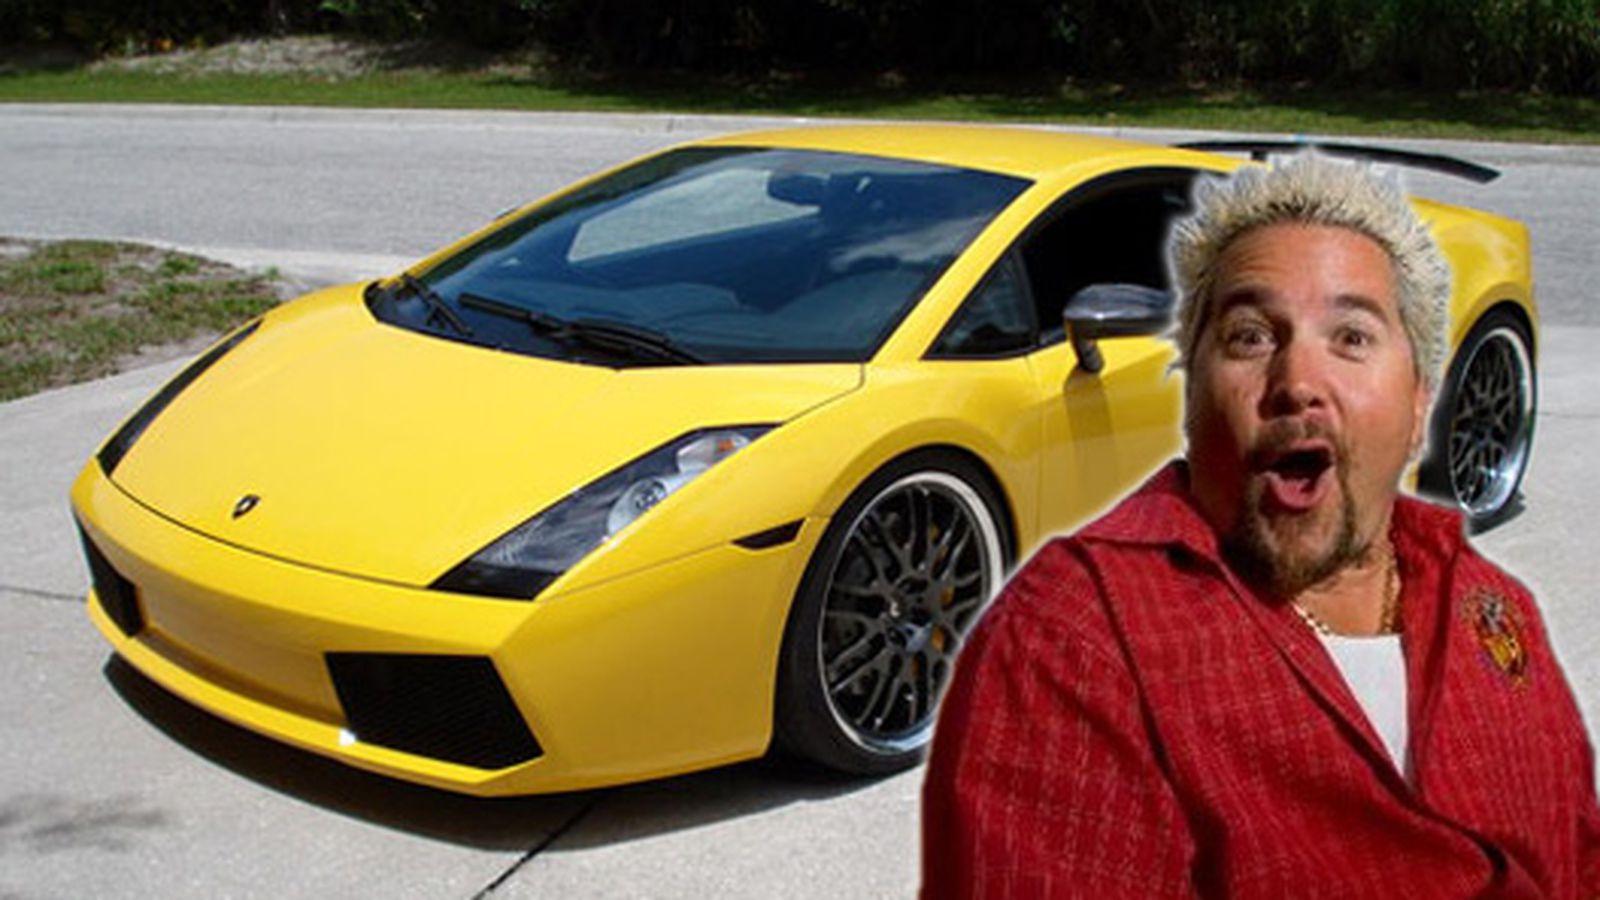 Guy Fieri S 200k Lamborghini Stolen In Elaborate Heist